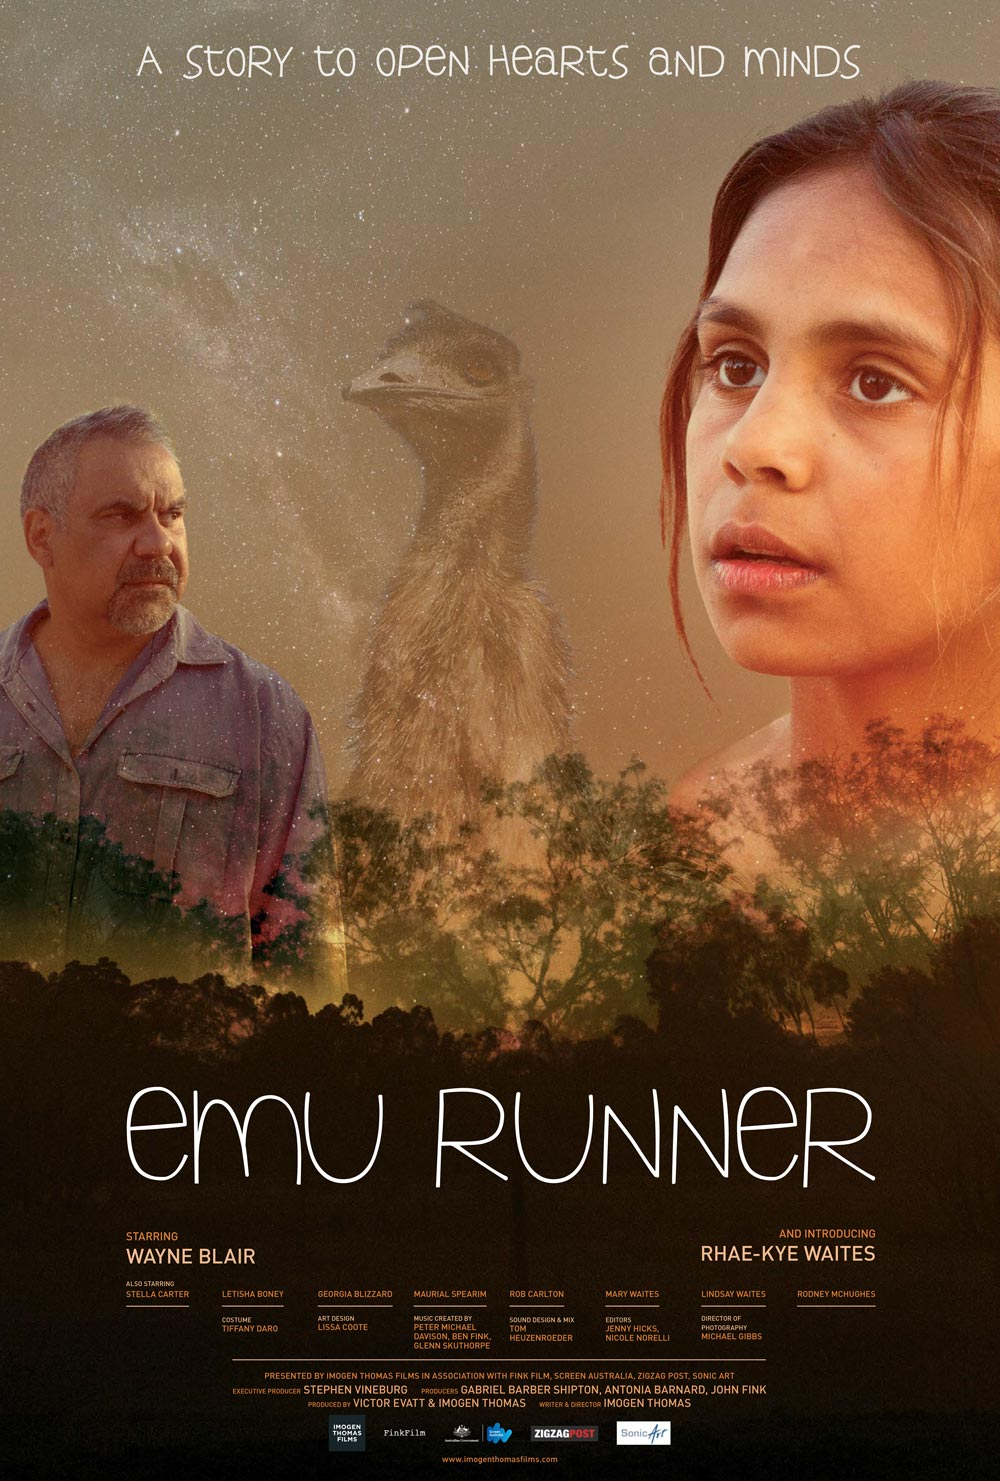 ER_Poster_060818_LR_s.jpg